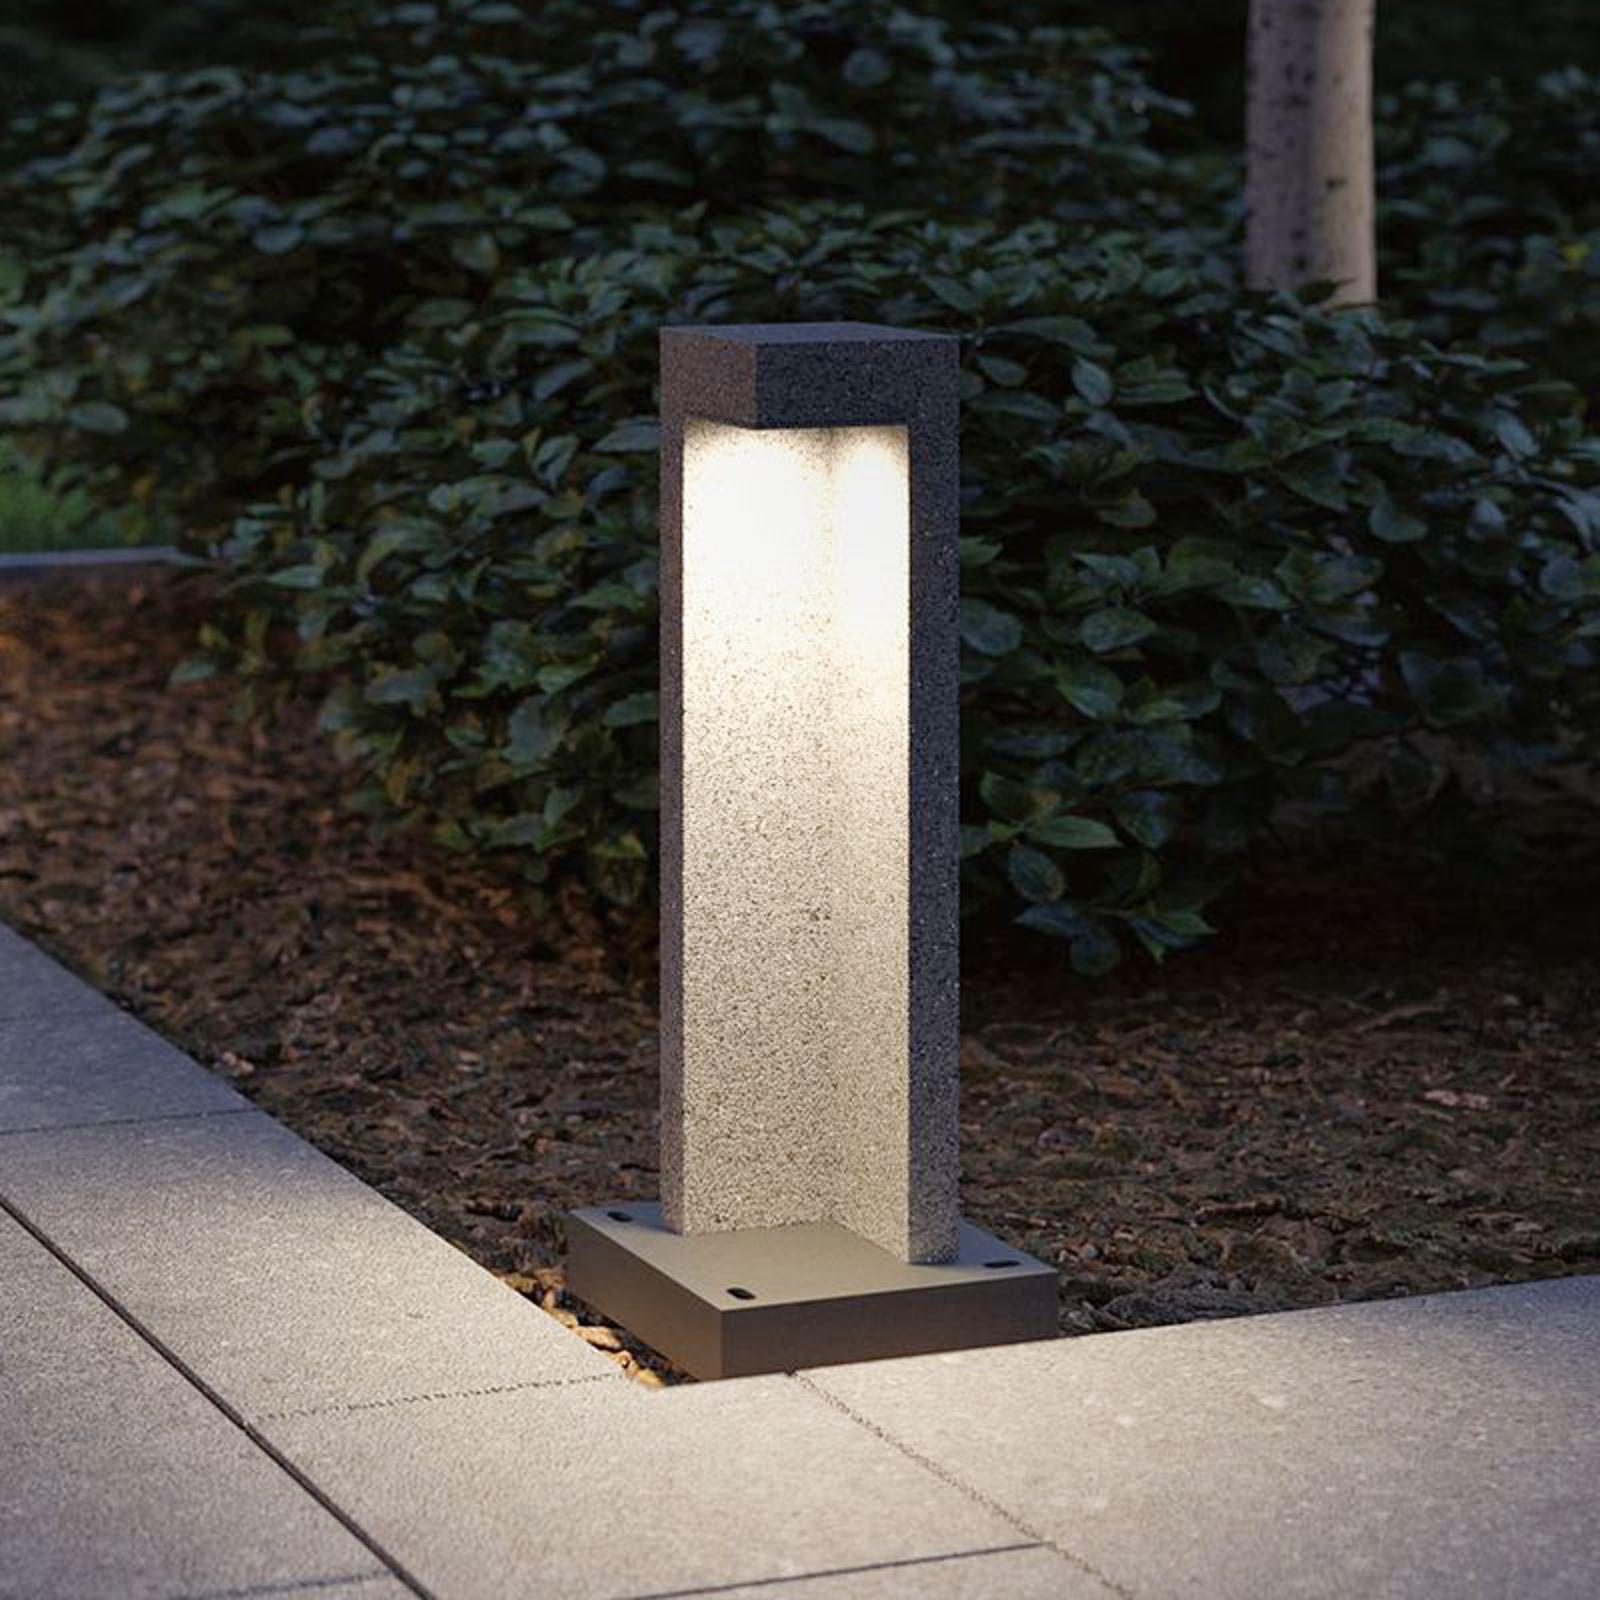 Paulmann Concrea LED-sokkellampe, høyde 45 cm